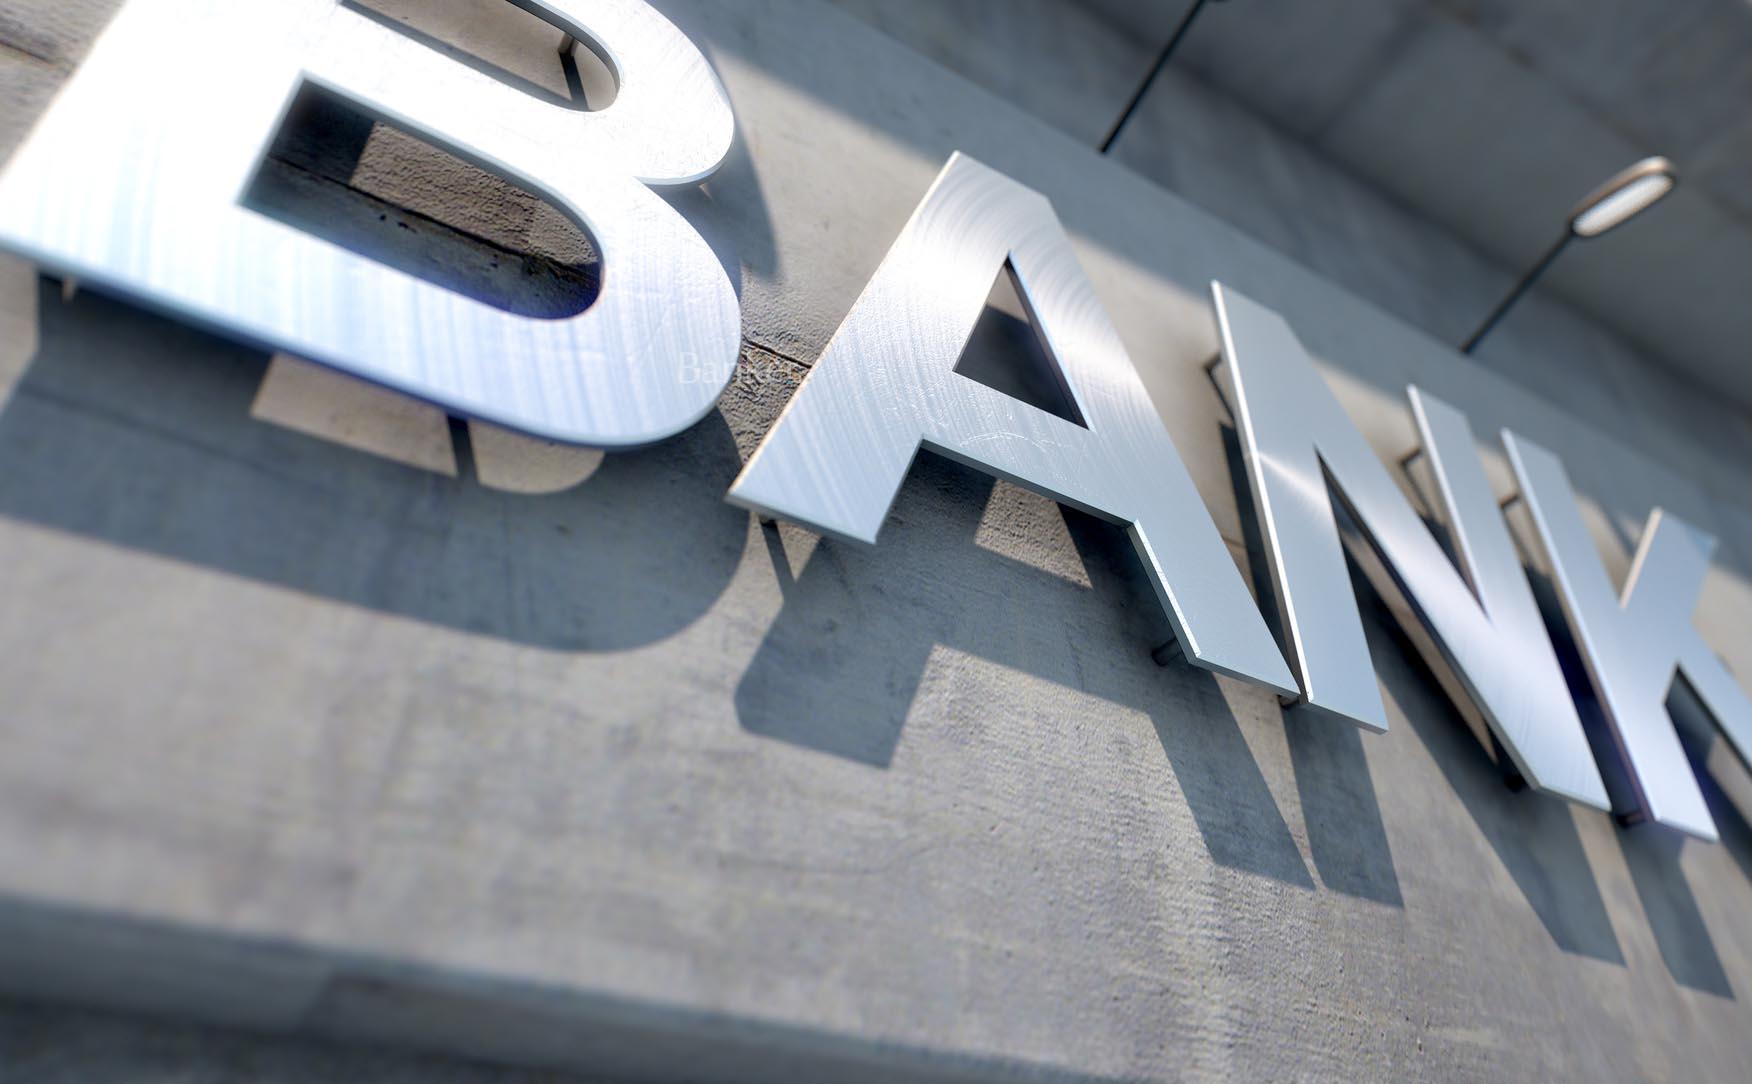 Sədri vəfat edən banka yeni rəhbər təyin edildi